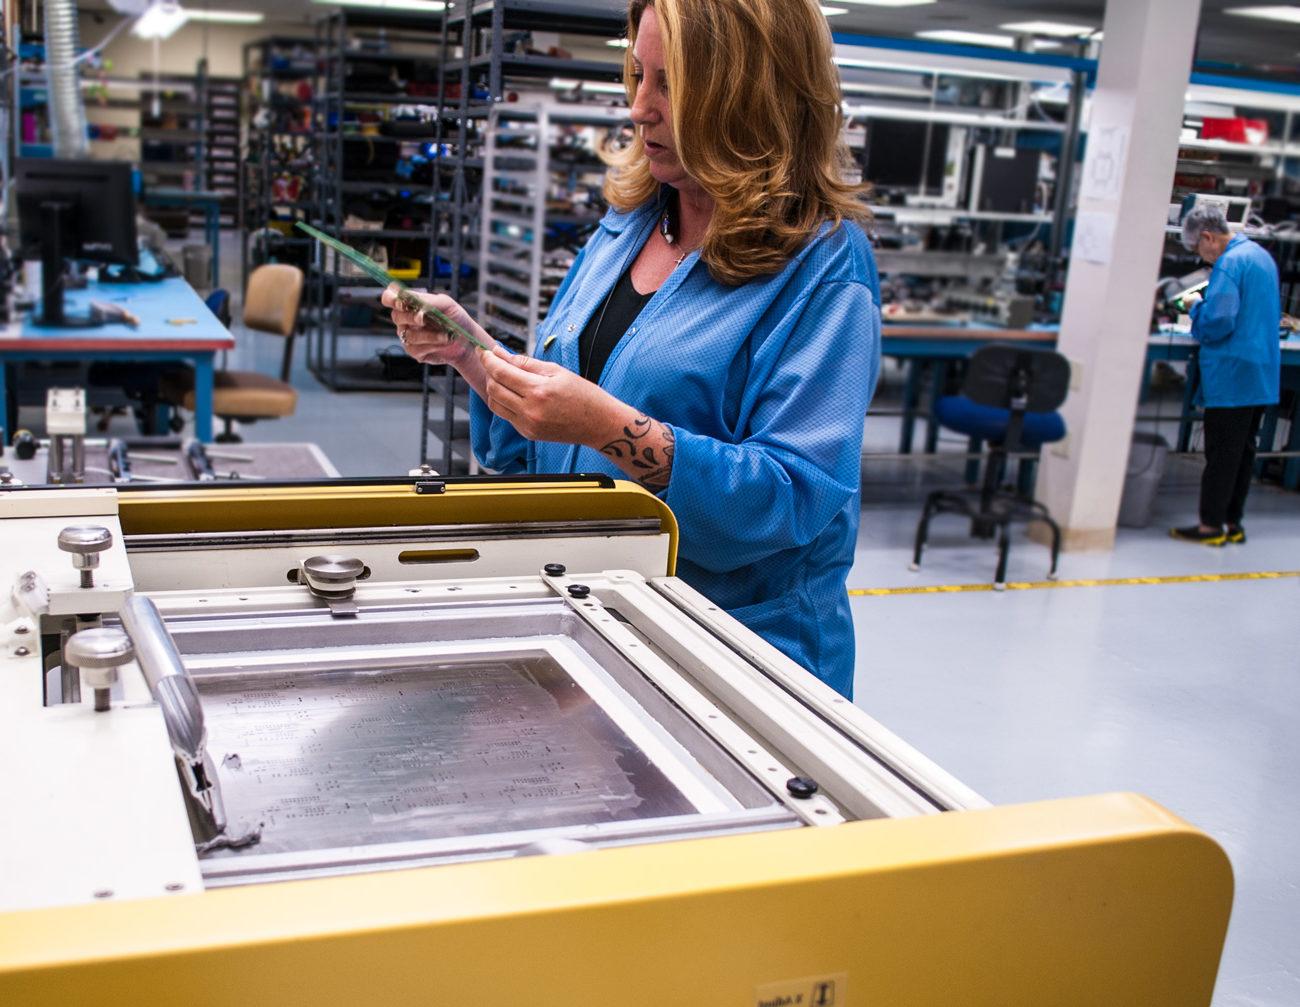 Woman examines soldering board